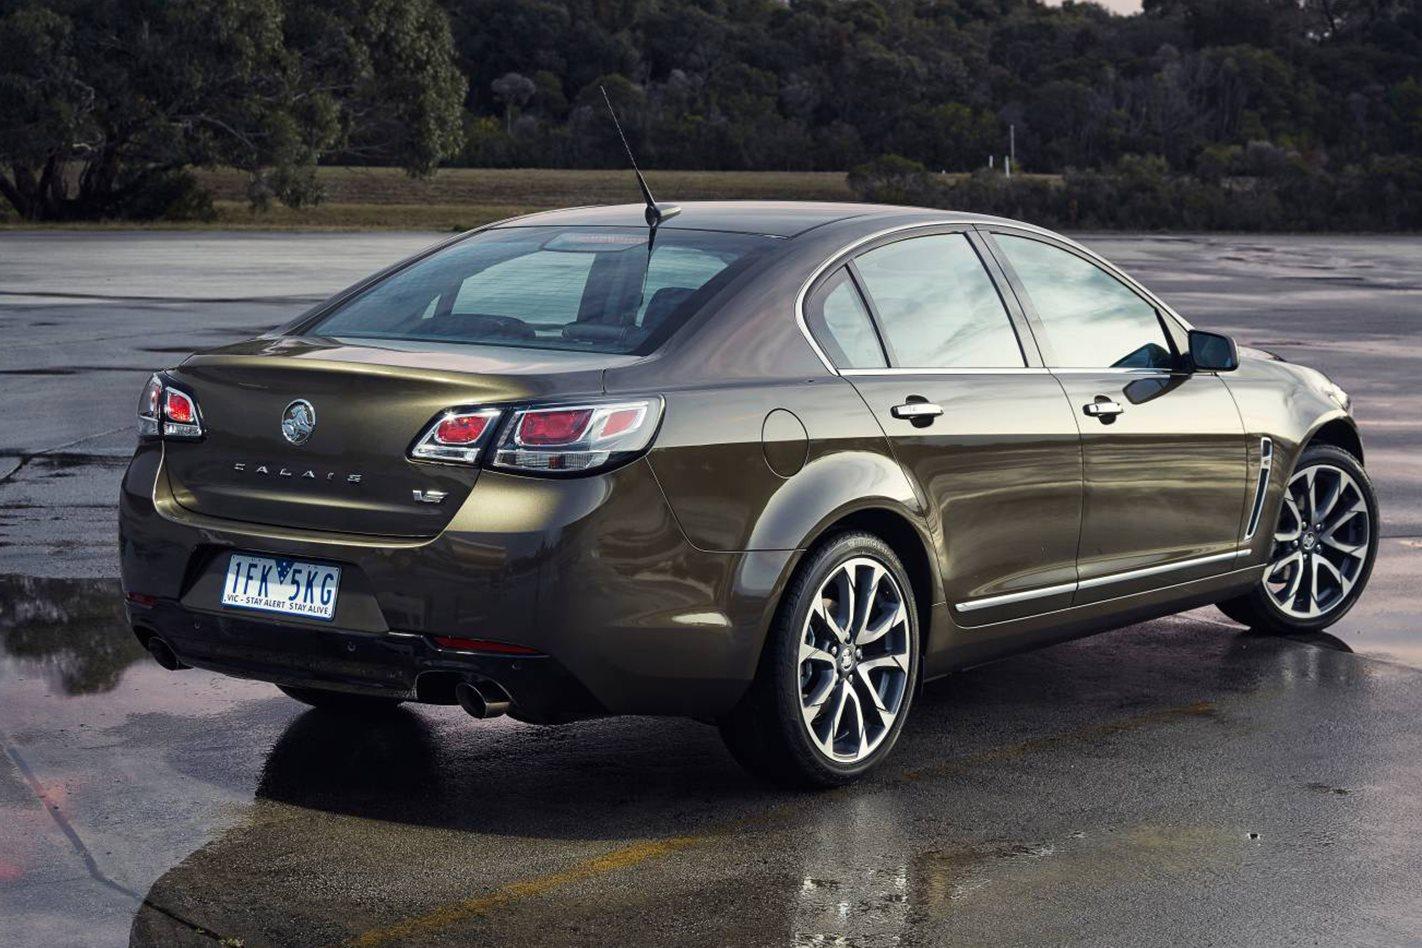 2017-Holden-Calais-V-based-Director-sedan.jpg